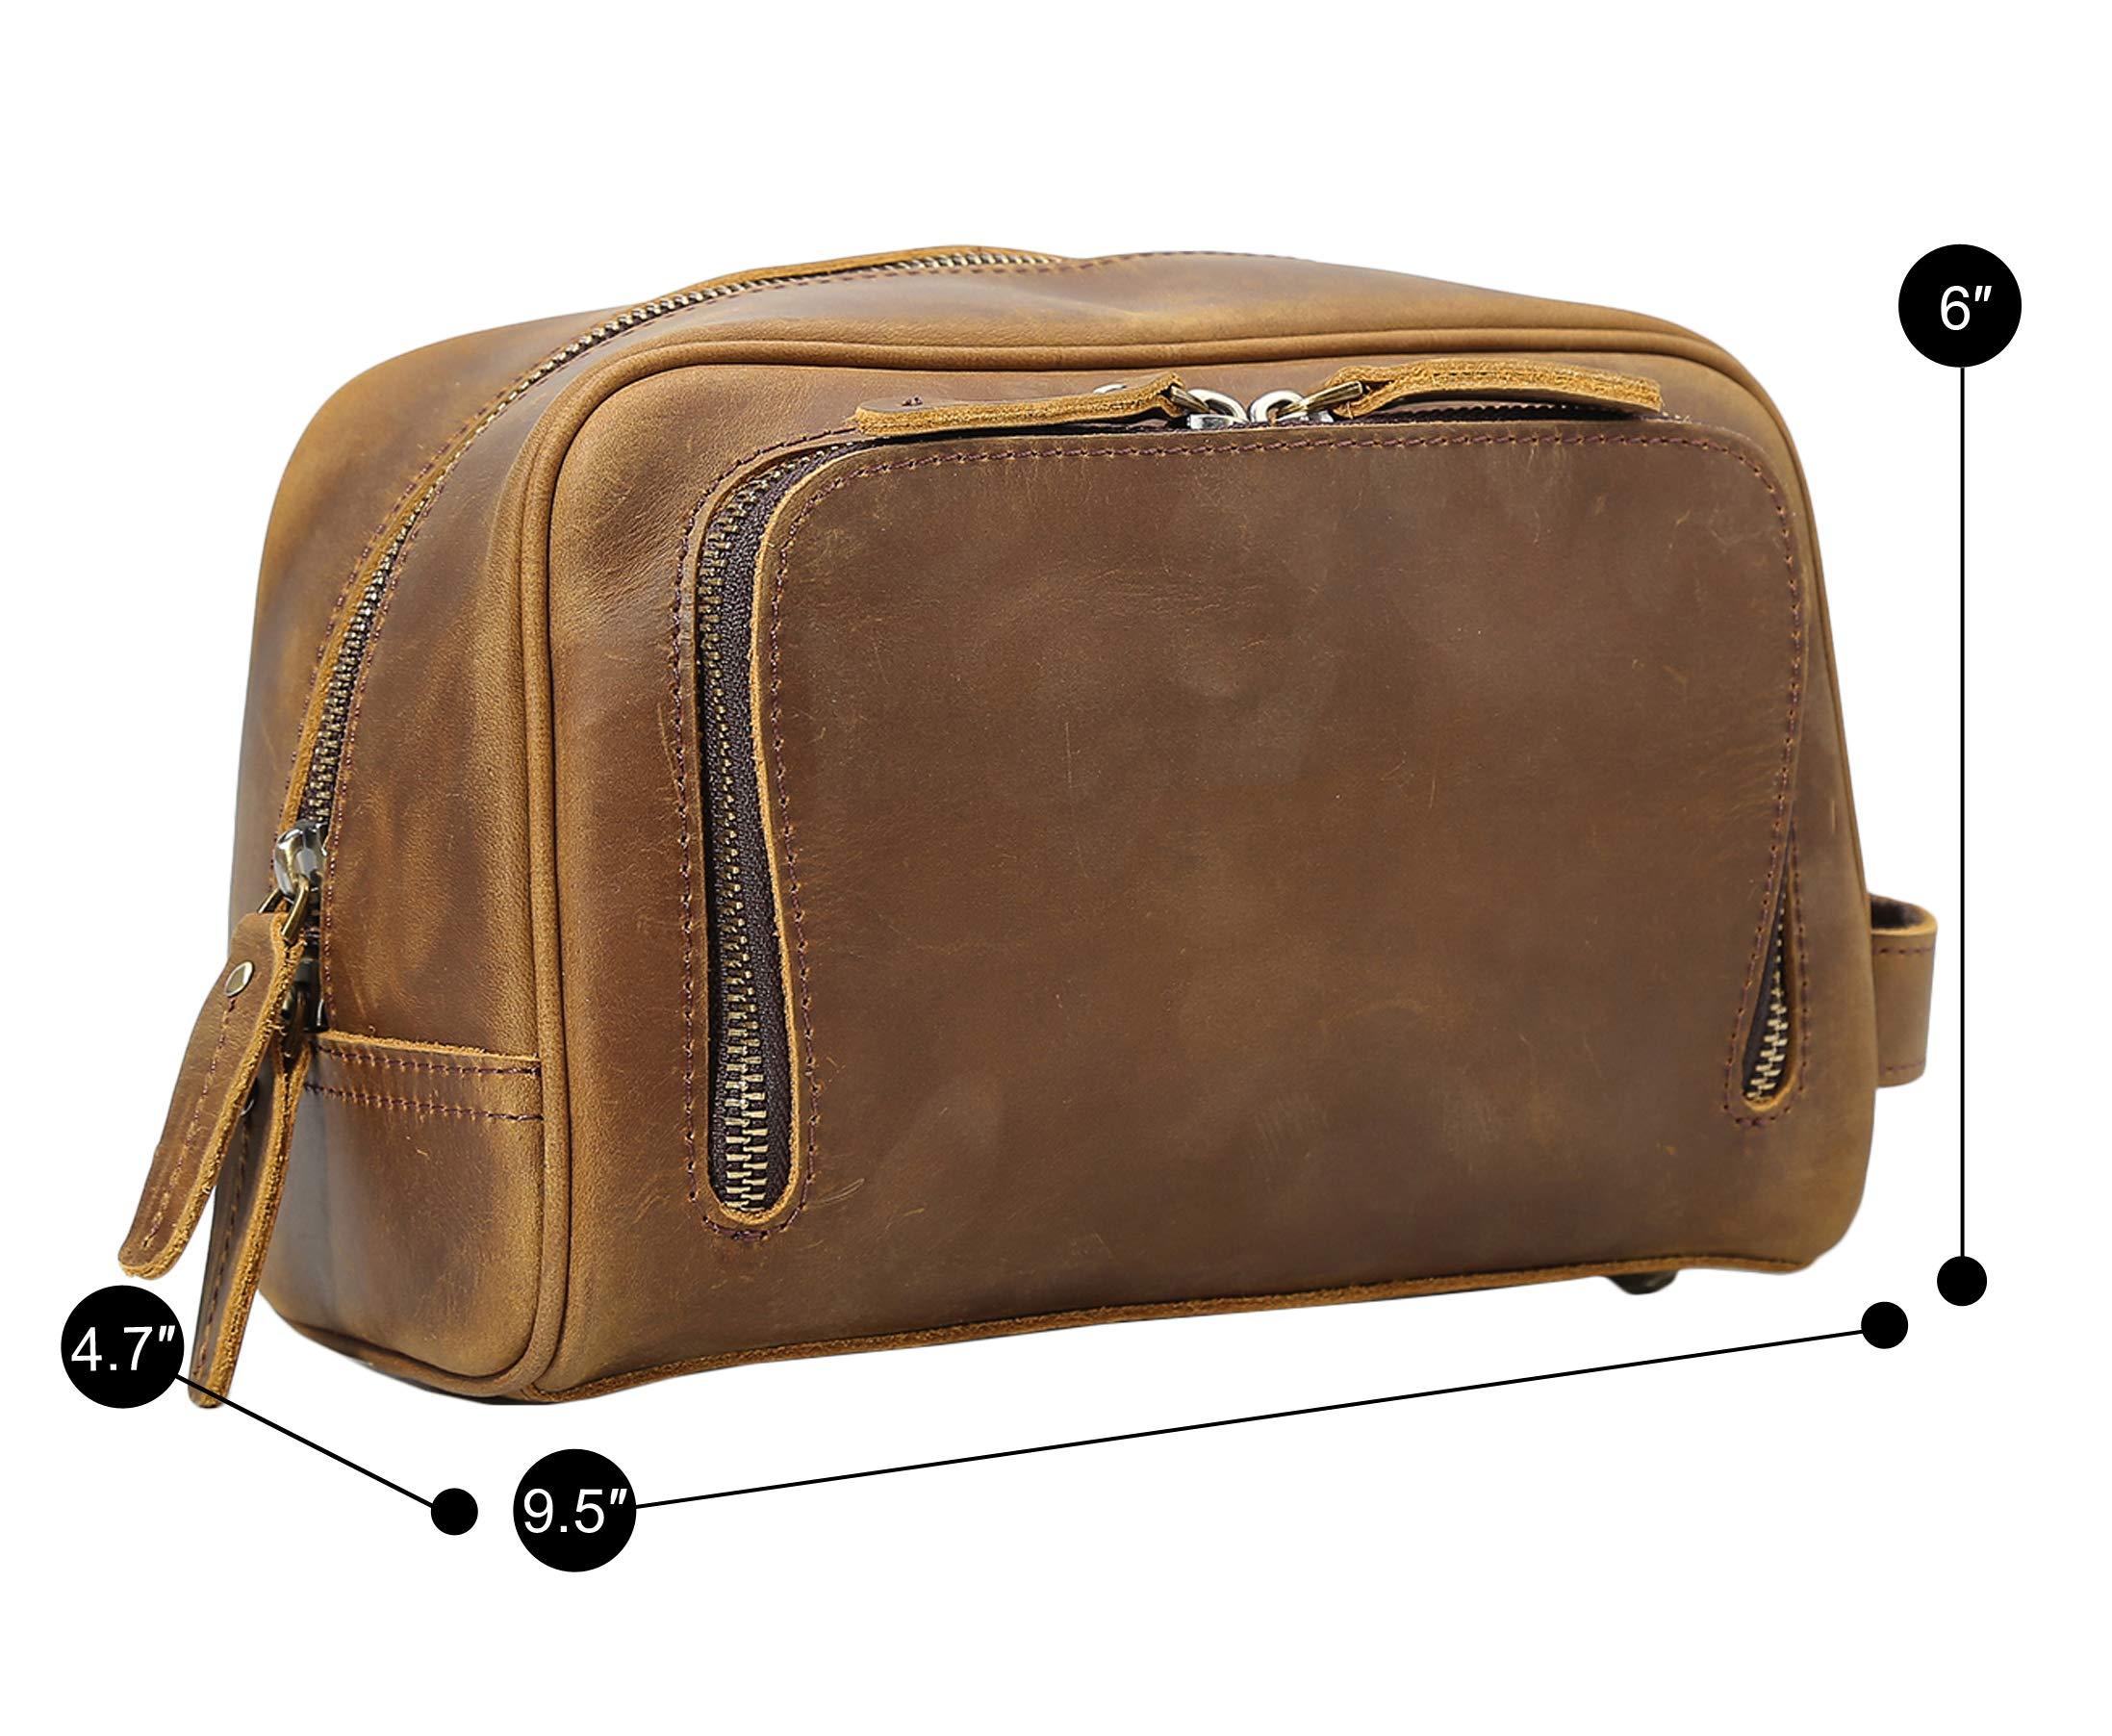 Polare Vintage Full Grain Leather Handmade Travel Toiletry Bag for Men - Dopp Kit - Shaving Kit by POLARE ORIGINAL (Image #2)